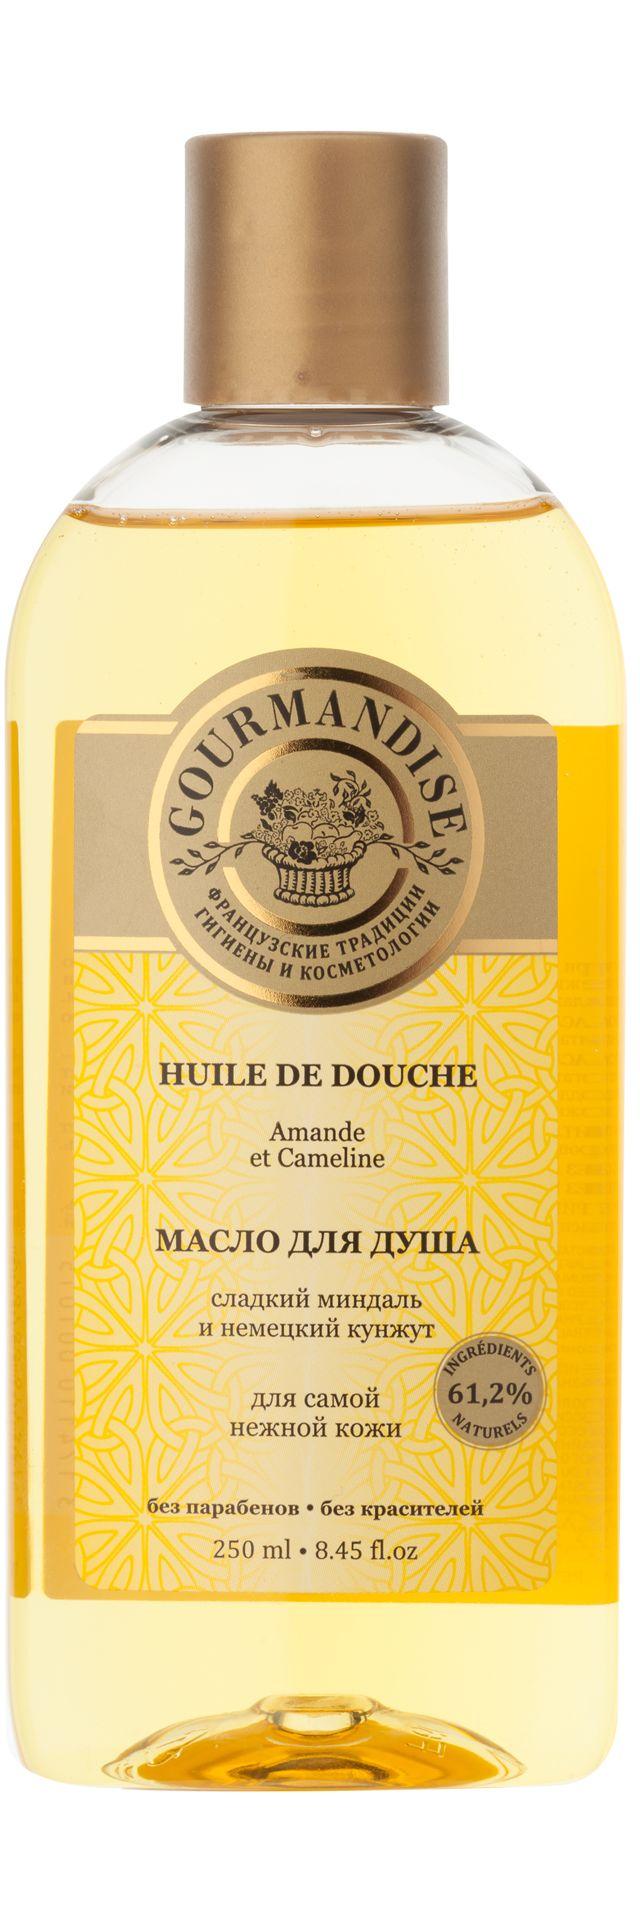 Масло для душа Сладкий миндаль и немецкий кунжут. При контакте с водой масло превращается в мягкую нежную пену. Бережно очищает кожу, смягчает и увлажняет ее, оставляя на теле легкий аромат миндаля. Активные ингредиенты:<br>Масло сладкого миндаля - успокаивает, эффективно питает, восстанавливает эластичность и разглаживает кожу.<br>Масло немецкого кунжута (рыжика посевного) - богато витамином Е и аминокислотами, способствует поддержанию увлажненности, эластичности и упругости кожи, явл...